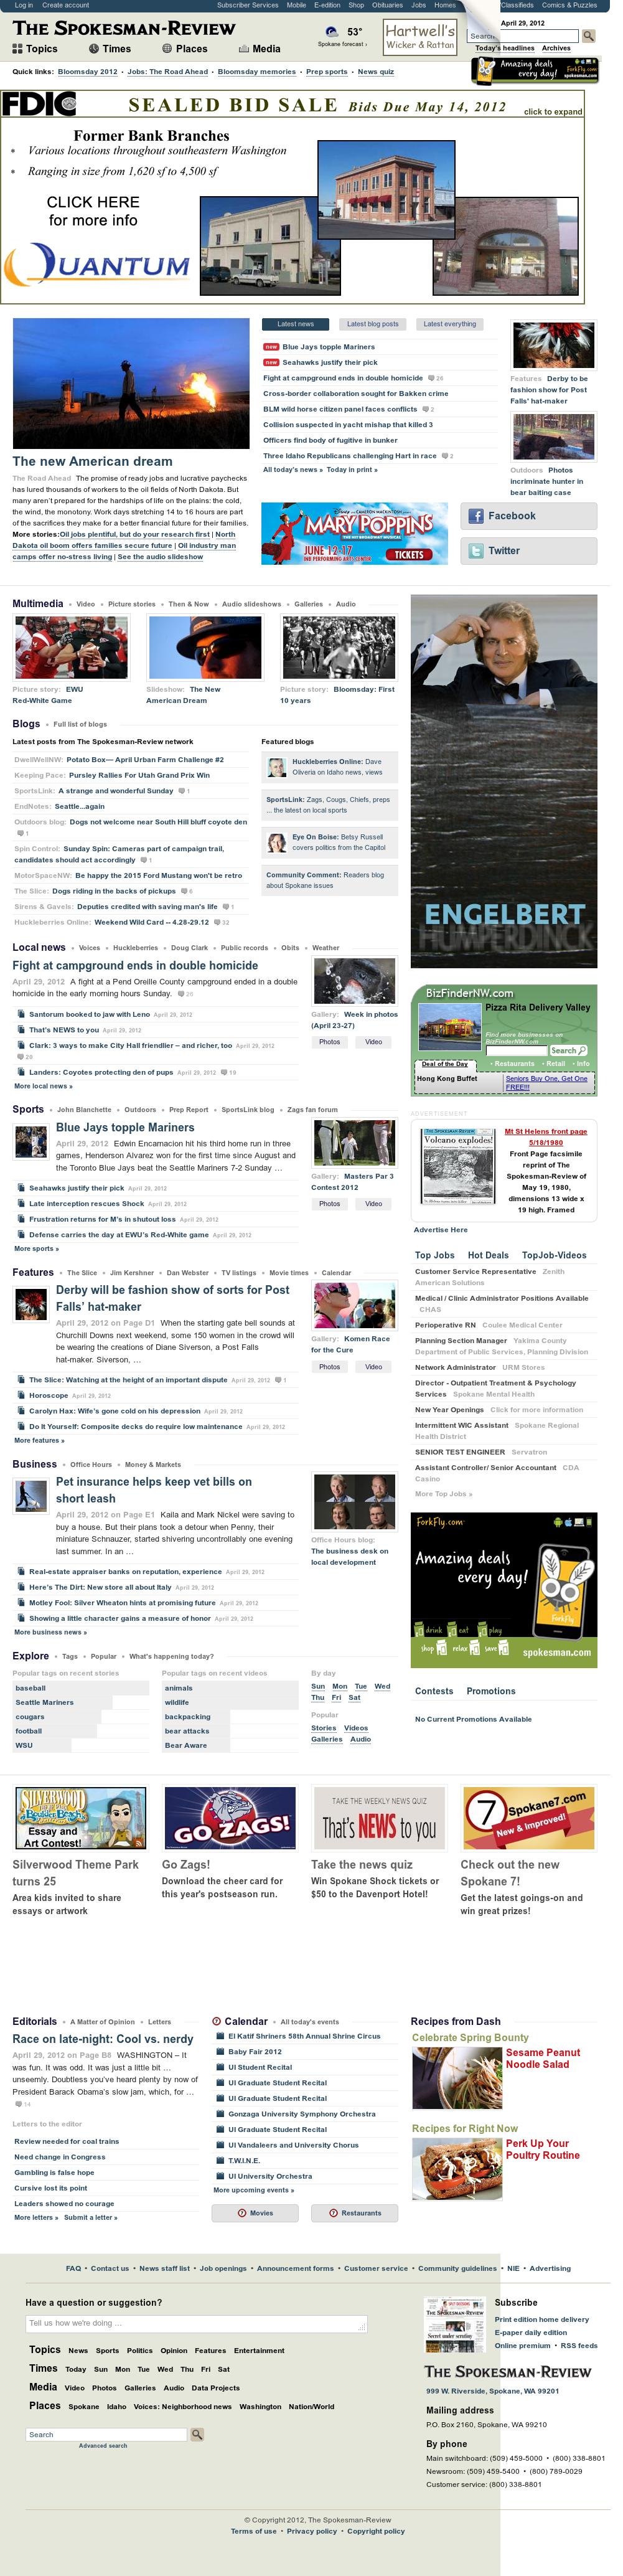 The (Spokane) Spokesman-Review at Monday April 30, 2012, 6:11 a.m. UTC